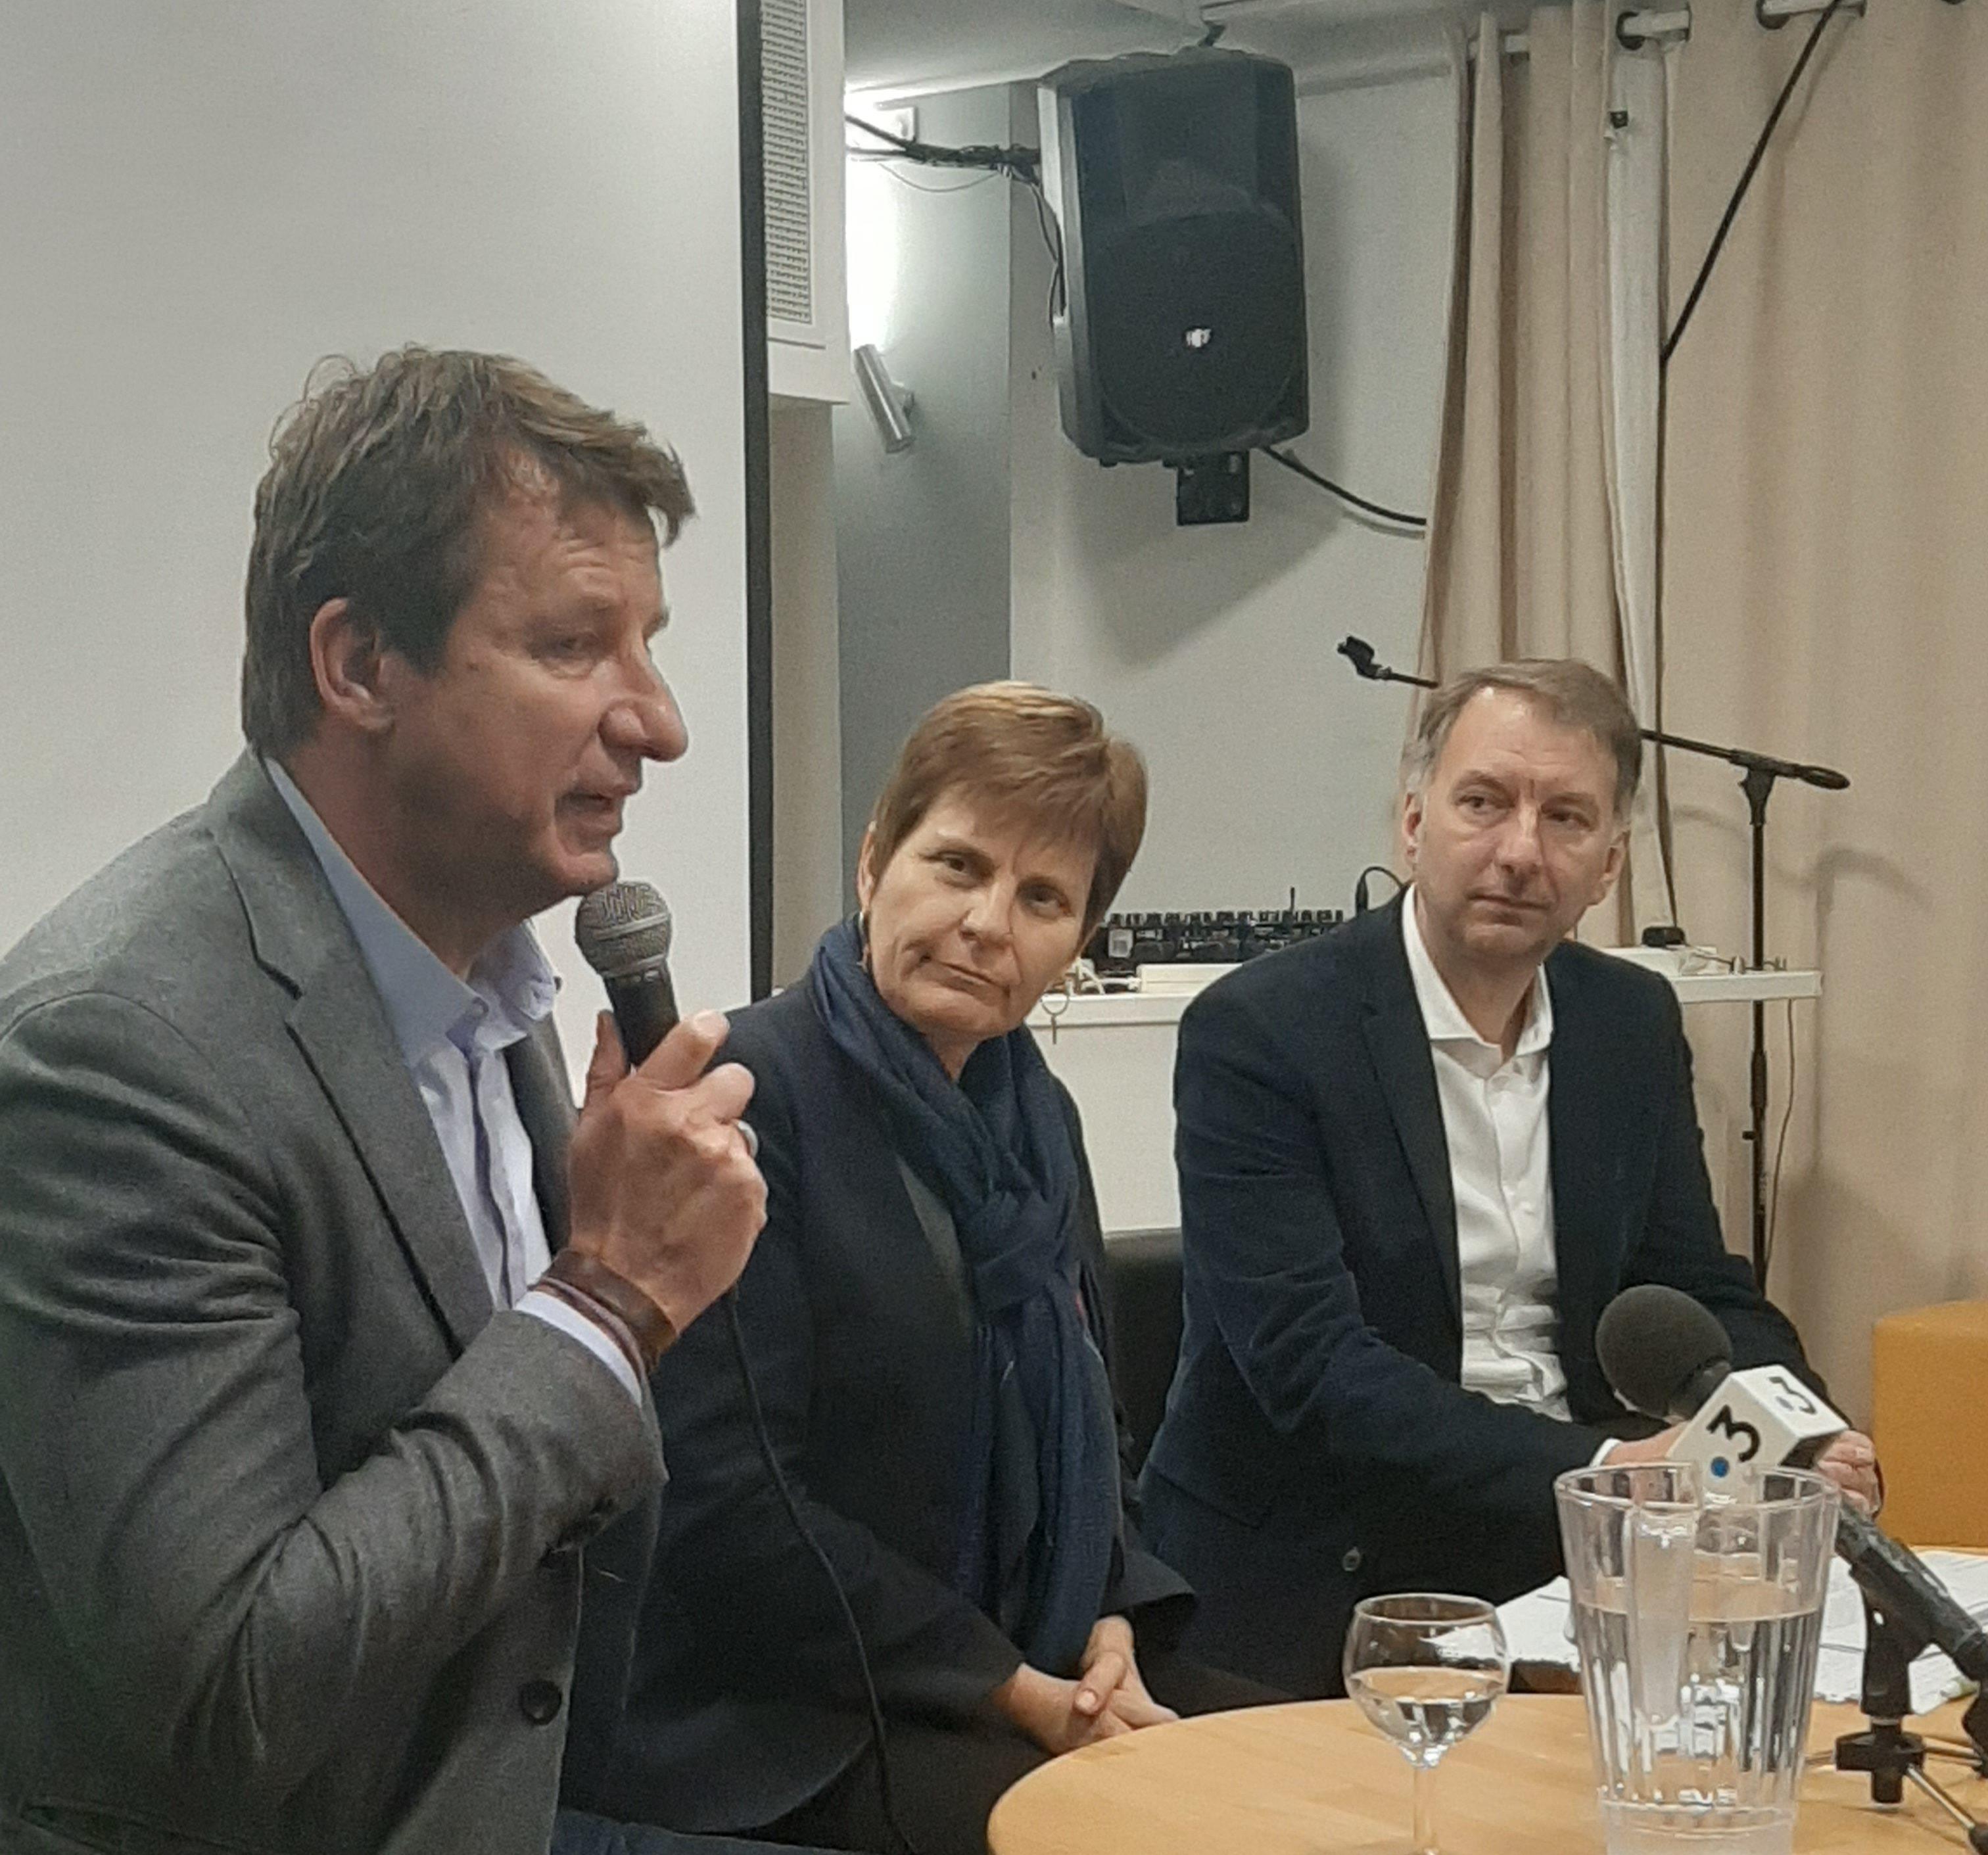 Yannick Jadot de visite à Lyon pour soutenir les écologistes